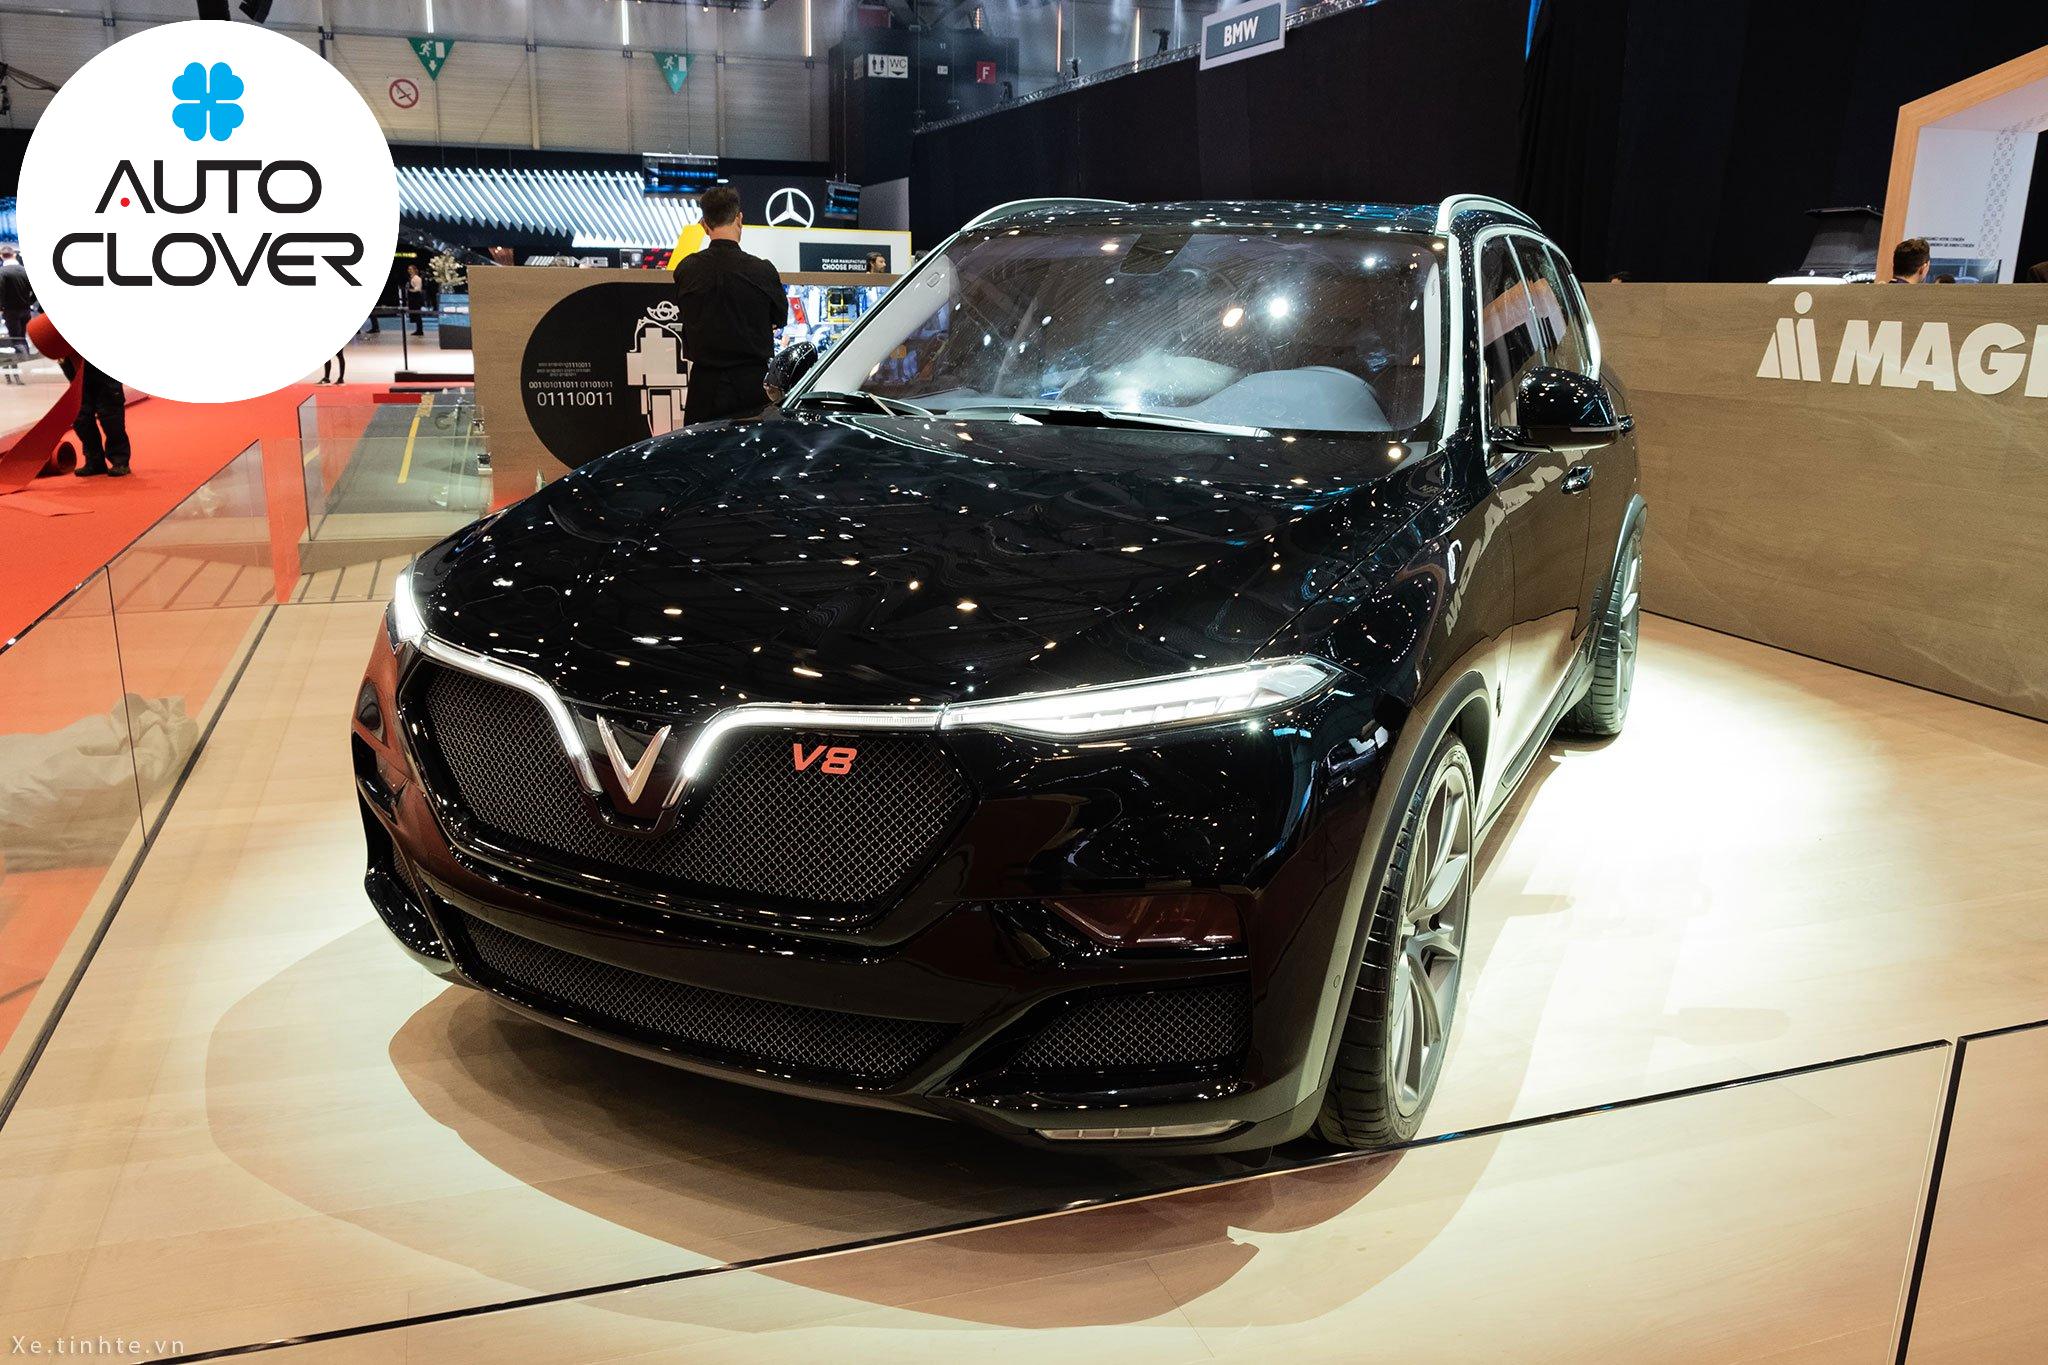 Phiên bản Lux V8 trang bị khối động cơ mạnh mẽ V8 với 8 xi lanh xếp thành chữ V. Công suất tối đa lên tới 455 mã lực, mô-xen xoắn cực đại 624 Nm